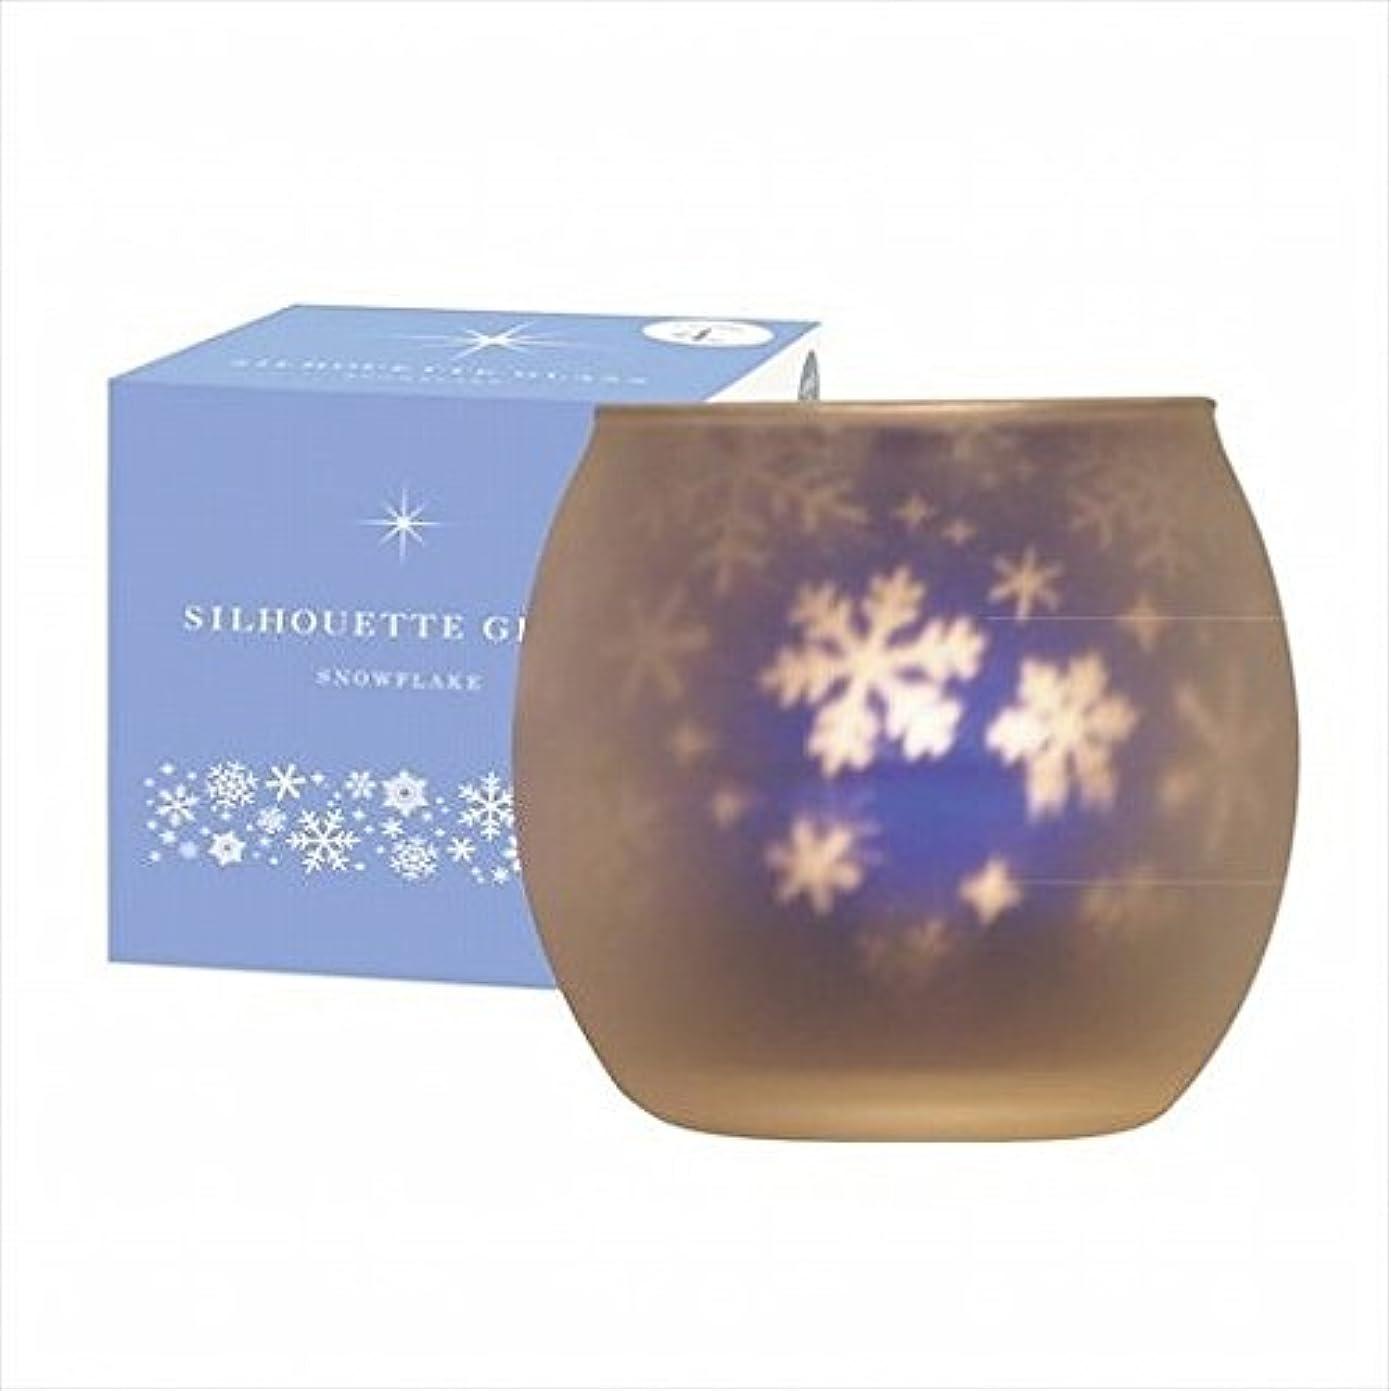 労働者マートインシデントkameyama candle(カメヤマキャンドル) スノーフレークシルエットグラス【キャンドル4個付き】(J1001022)